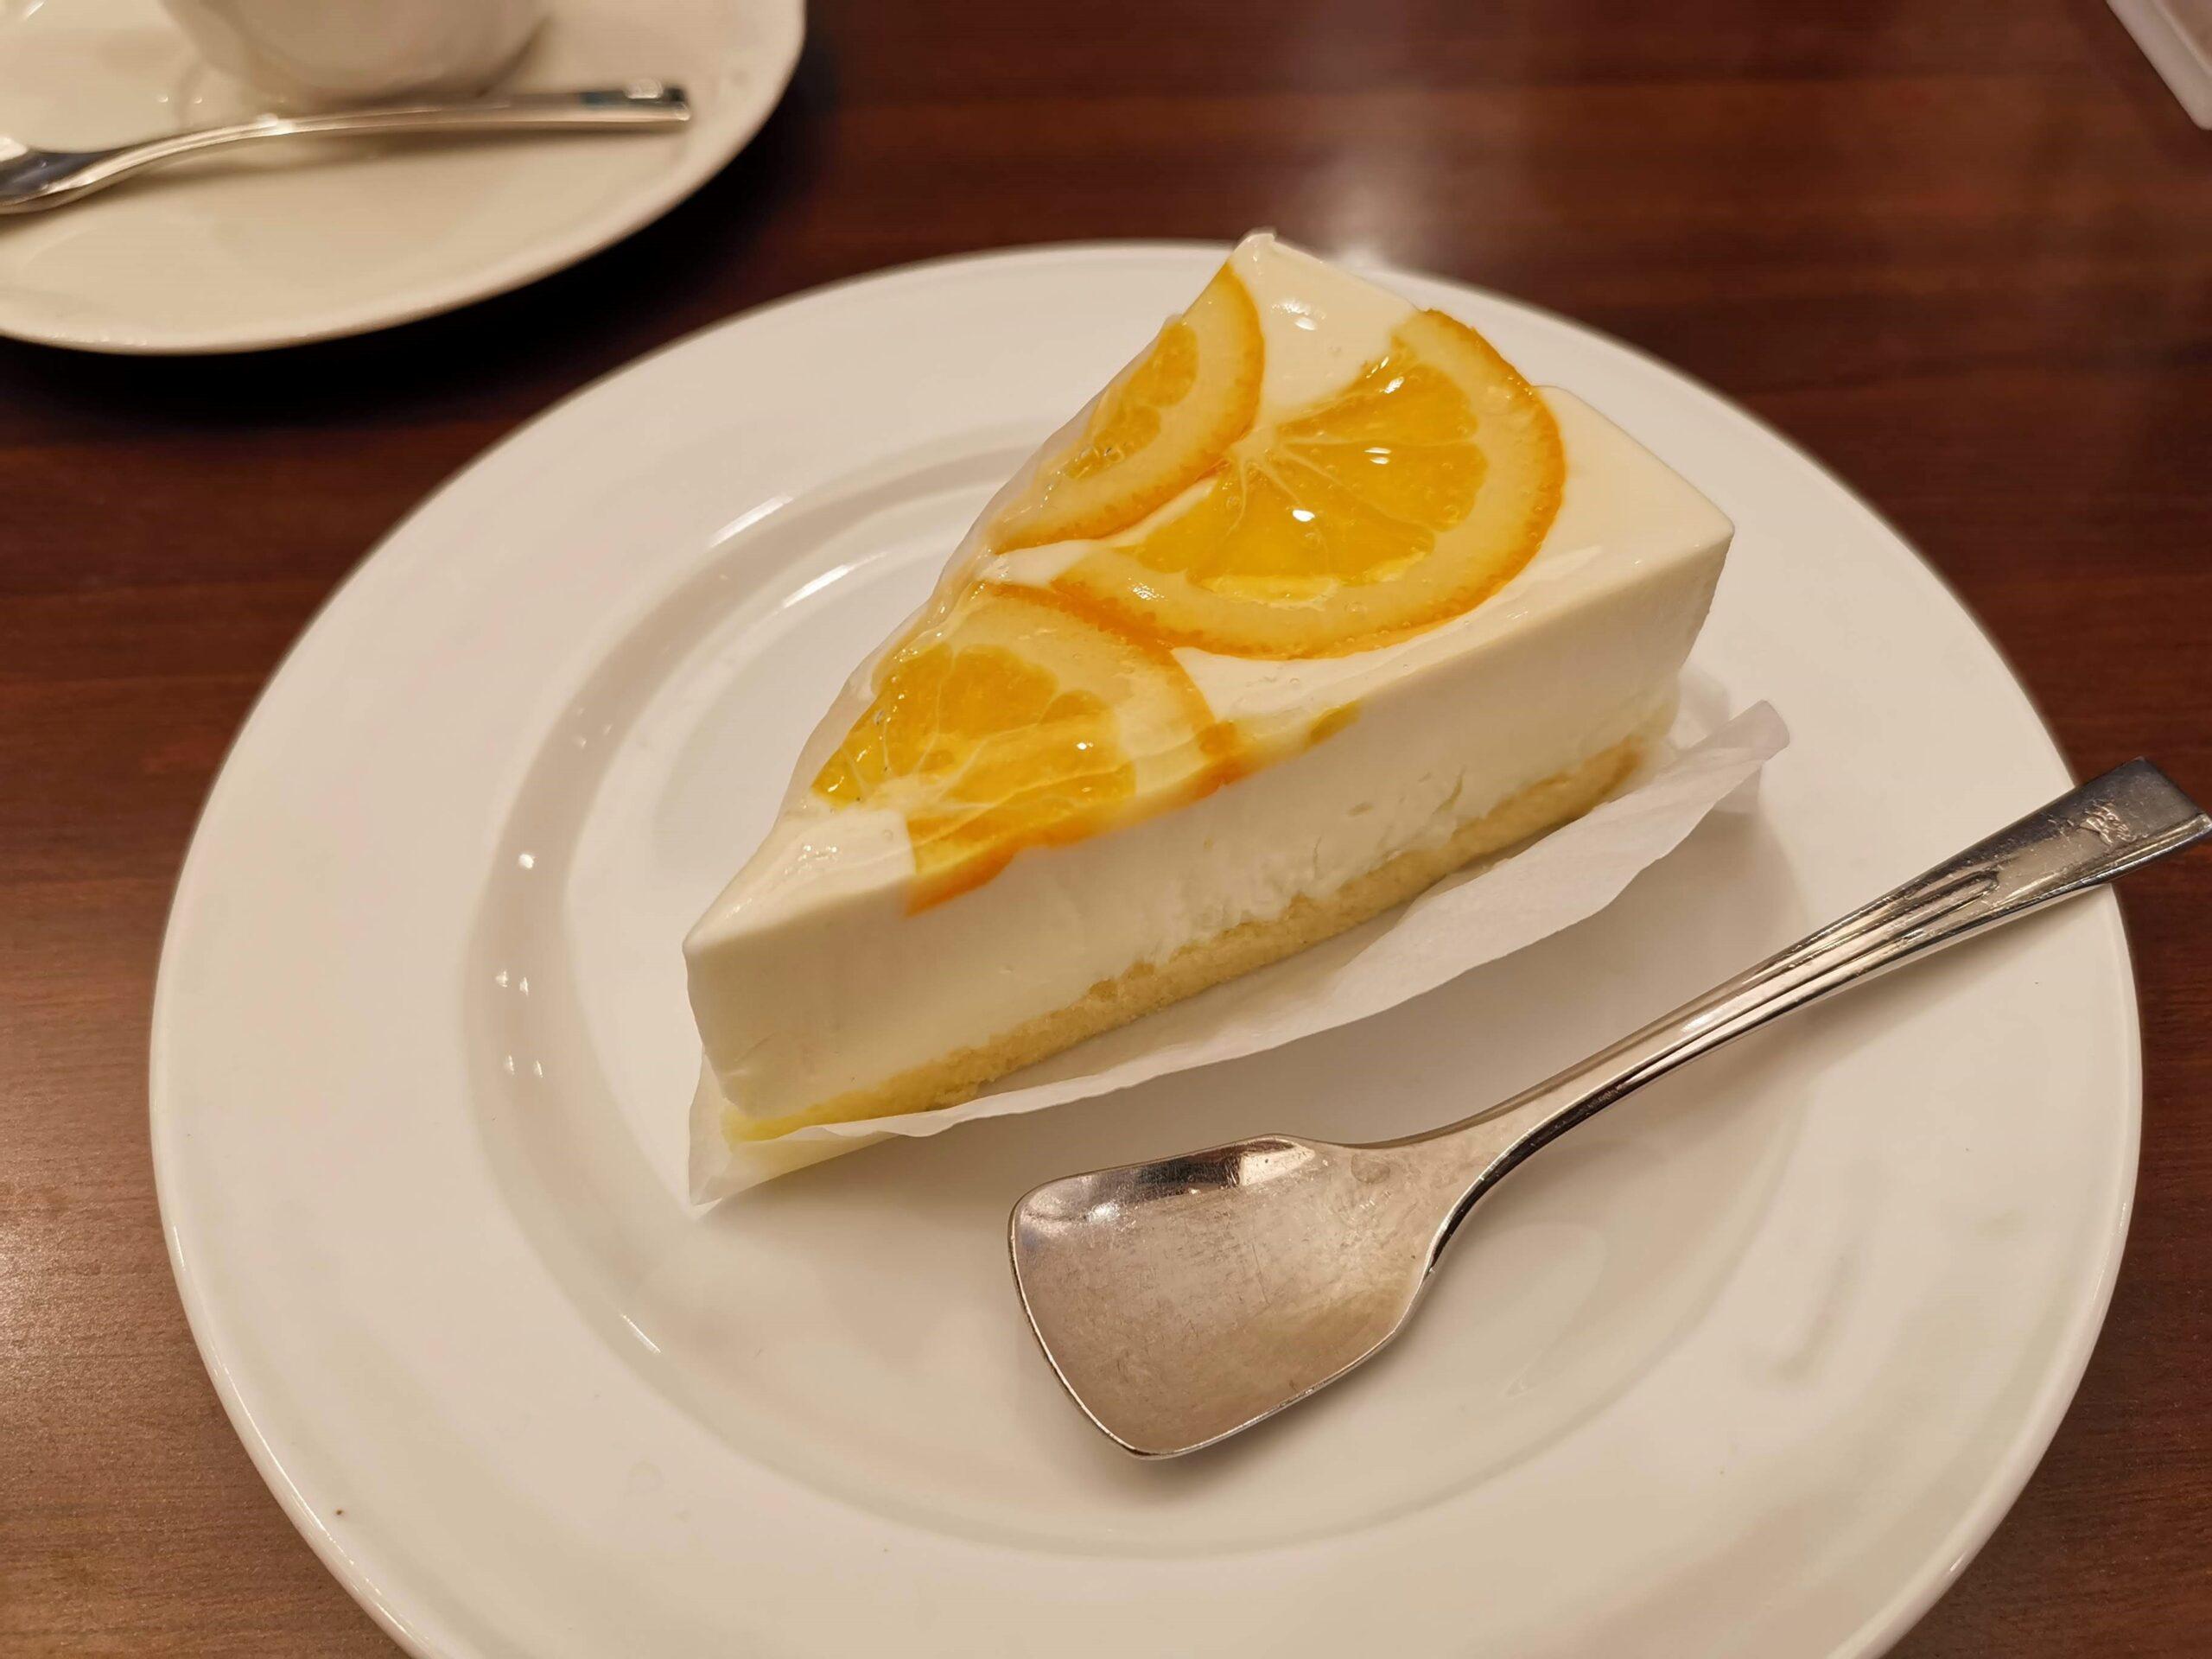 ルノアール オレンジレアチーズケーキ (9)_R